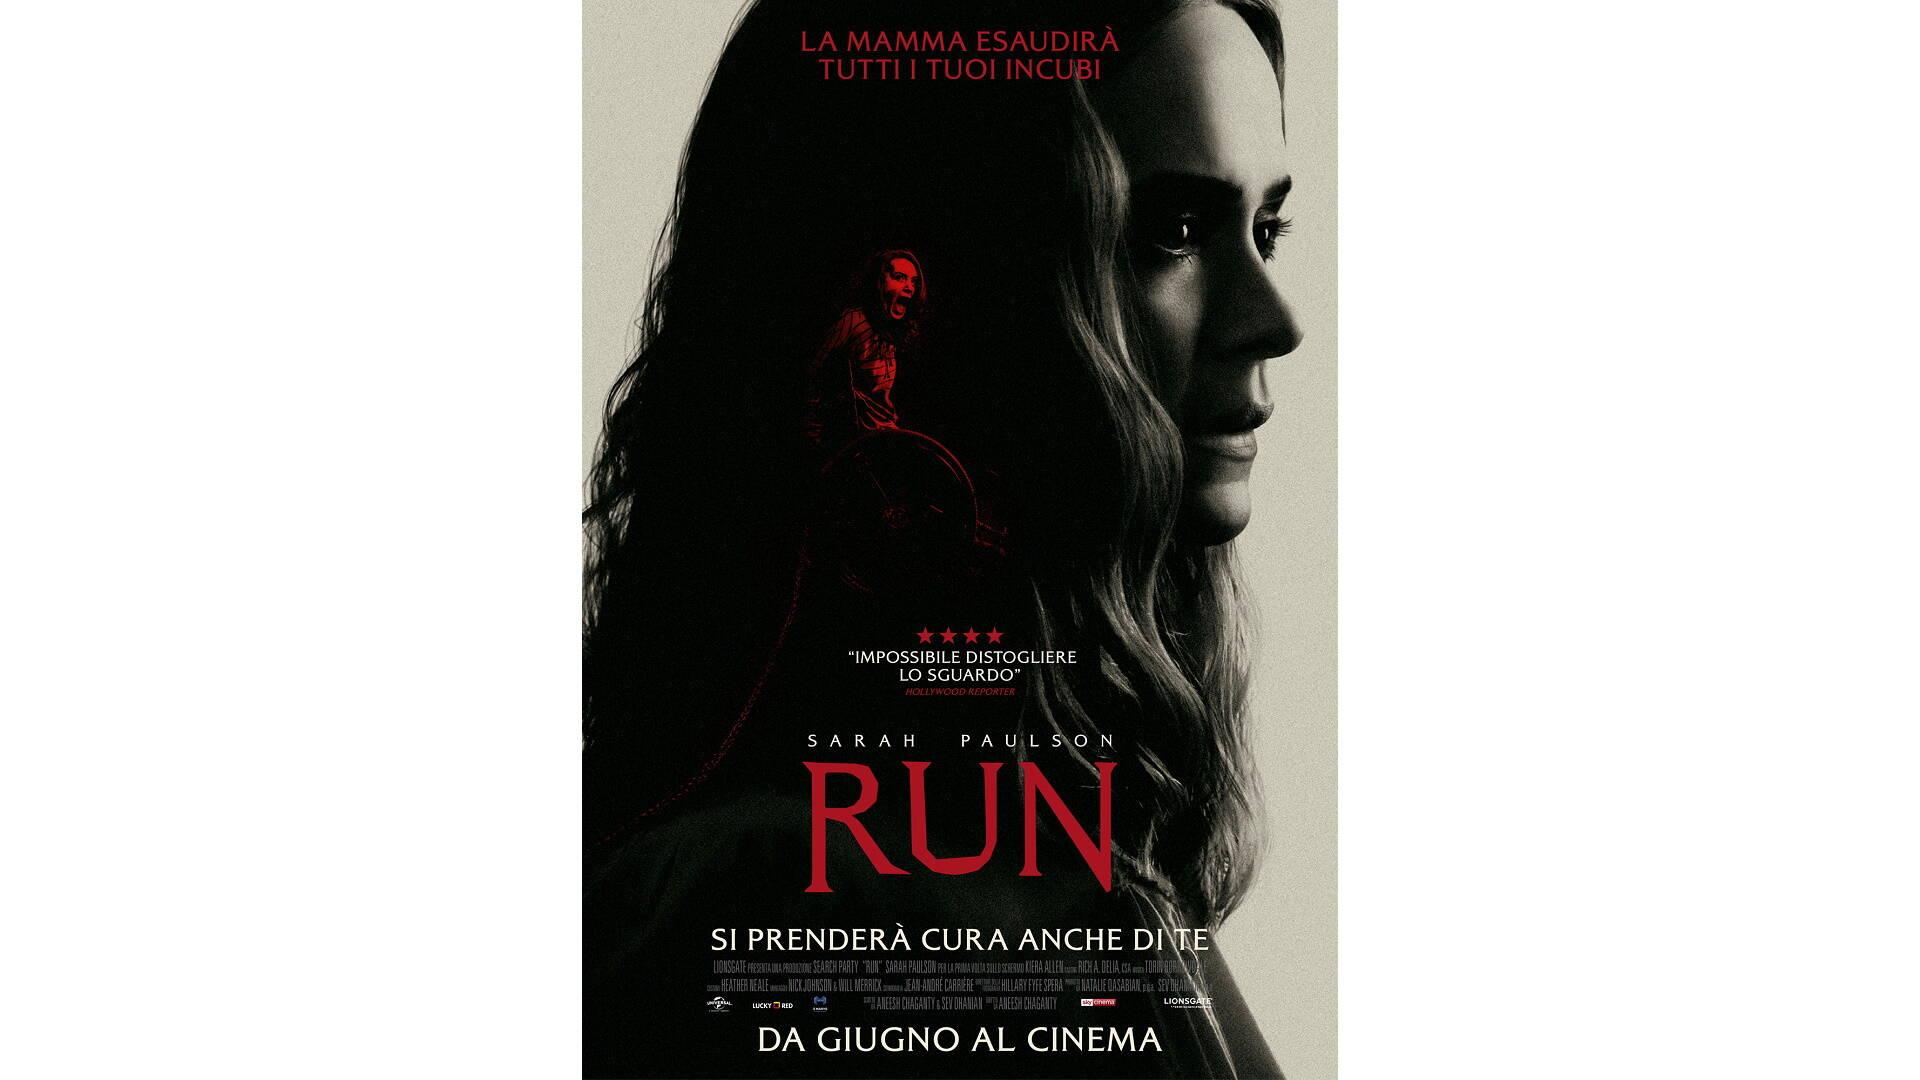 Run, clip esclusiva dell'horror con Sarah Paulson